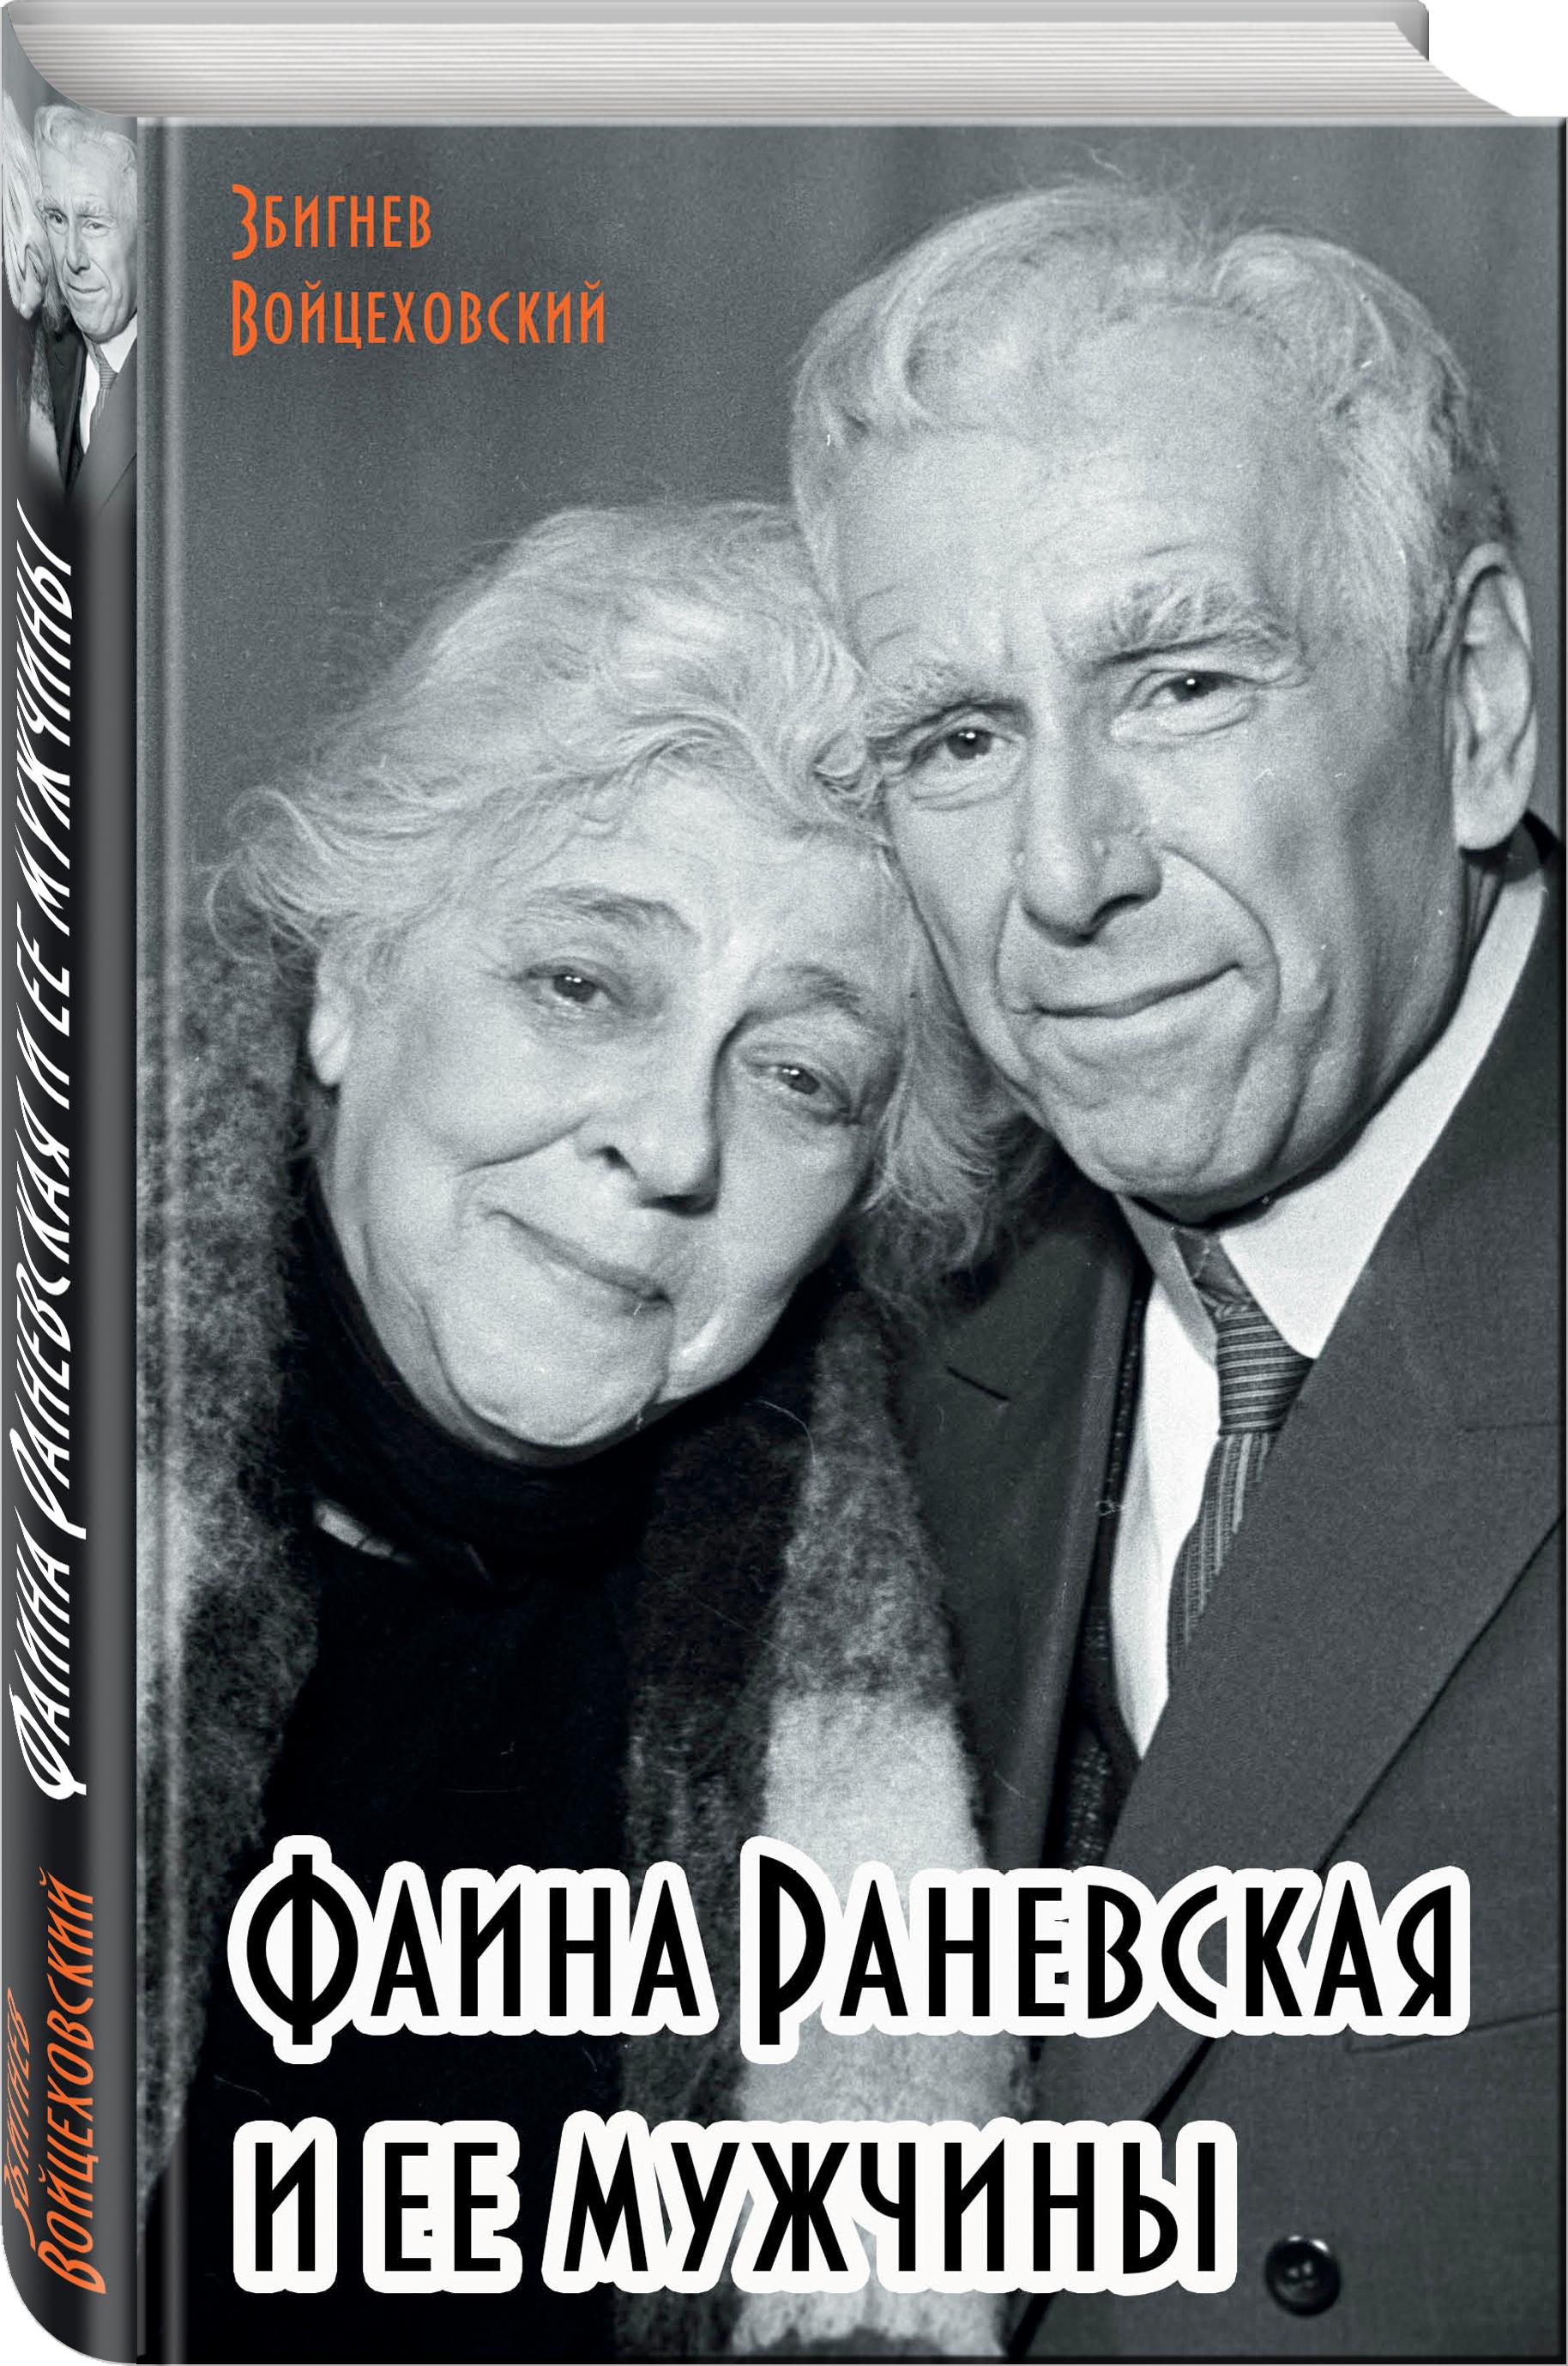 Збигнев Войцеховский Фаина Раневская и ее мужчины фаина раневская и ее мужчины